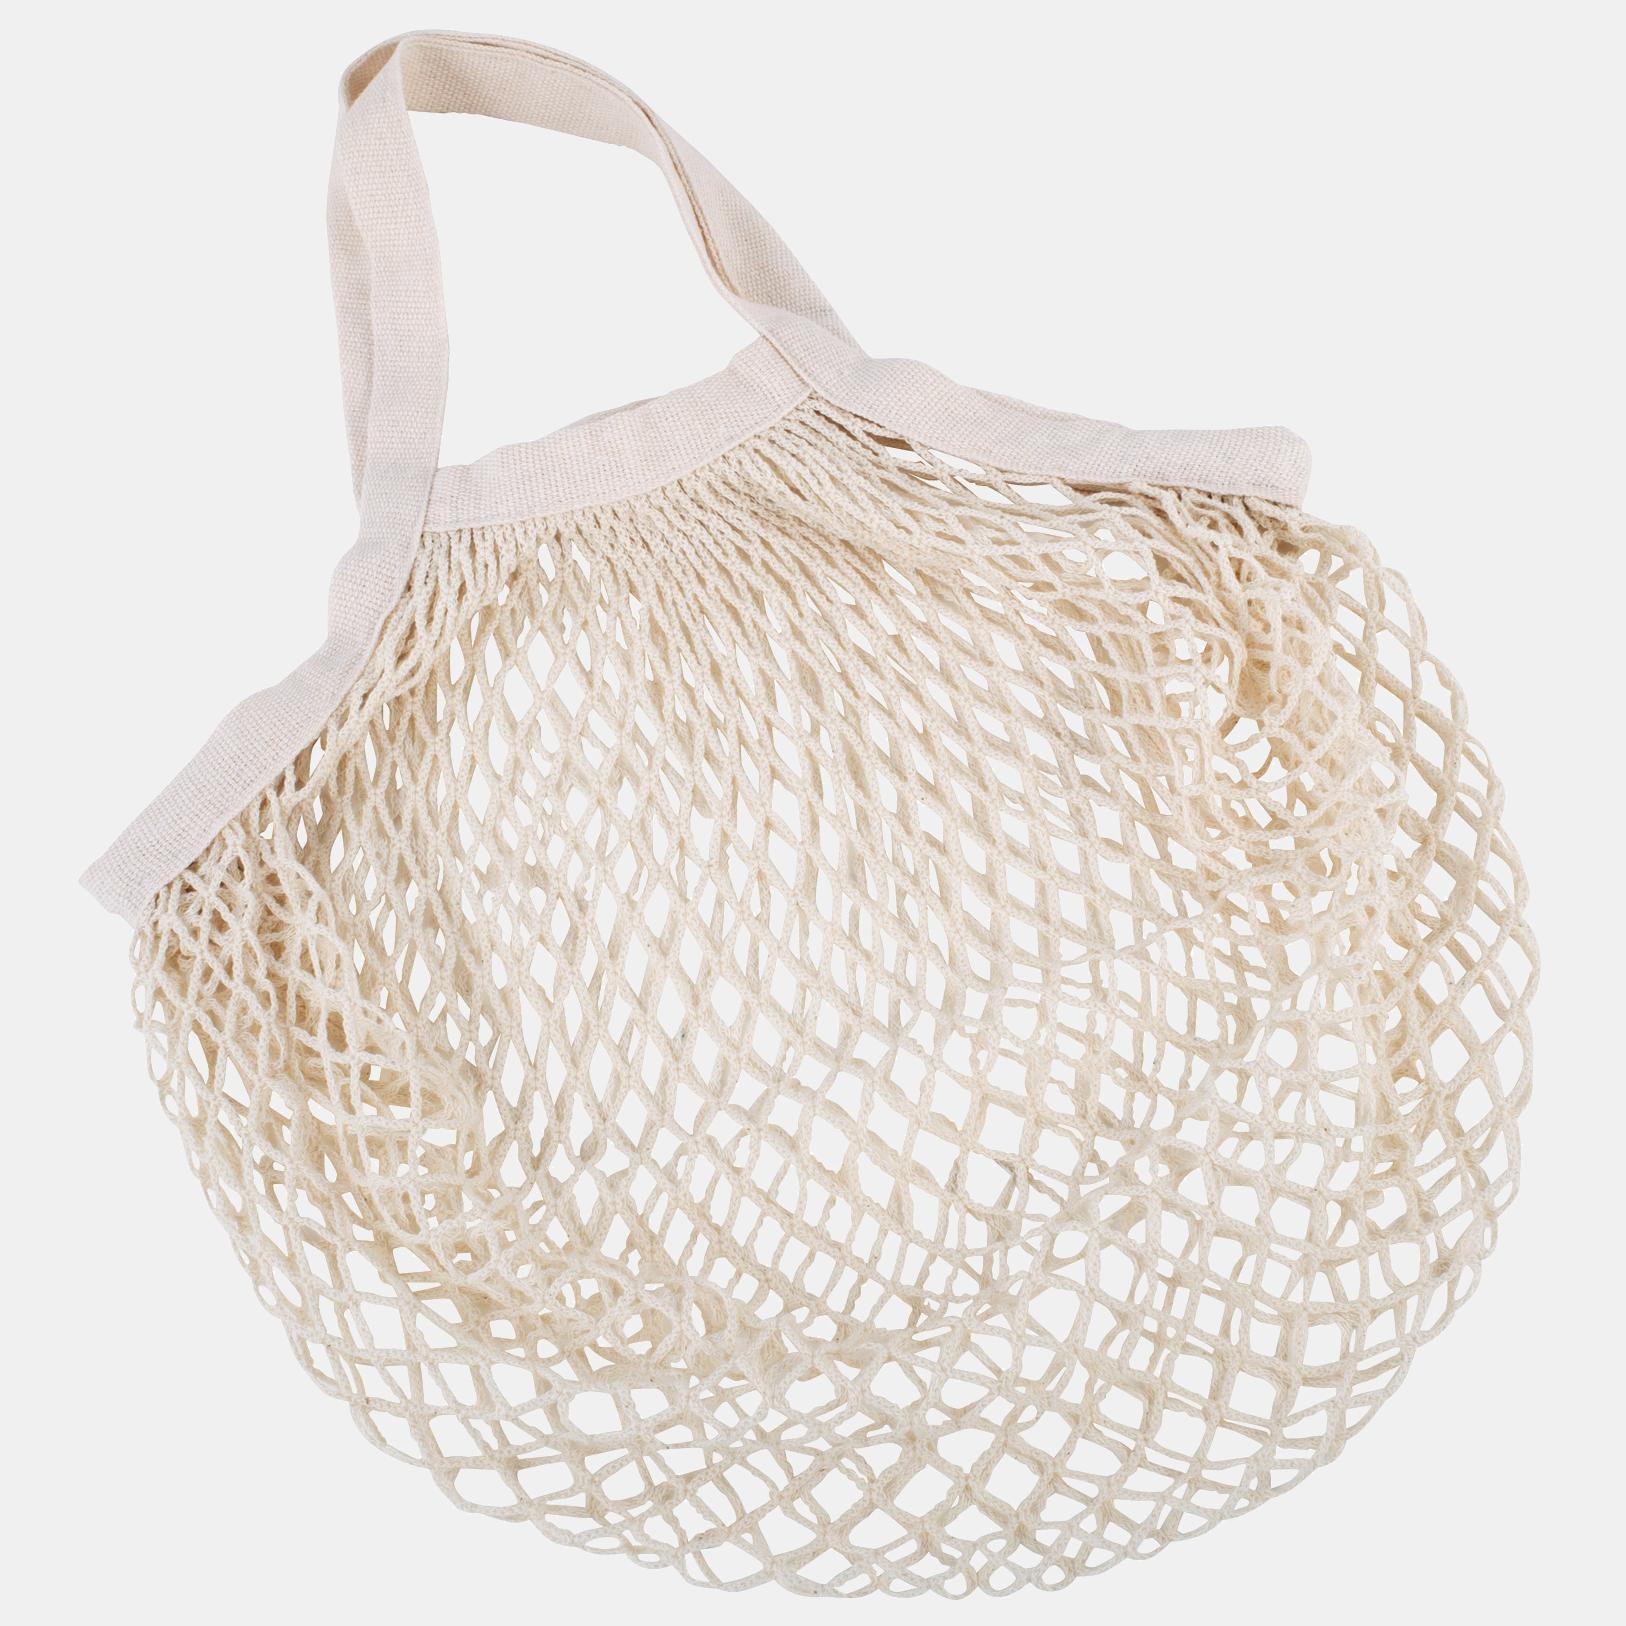 Plasa mini din bumbac 100% pentru cumparaturi, la piata, la mare, la plimbare. Inlocuieste plasele si pungile din plastic. 100% biodegradabila. Sustenabila, eco.